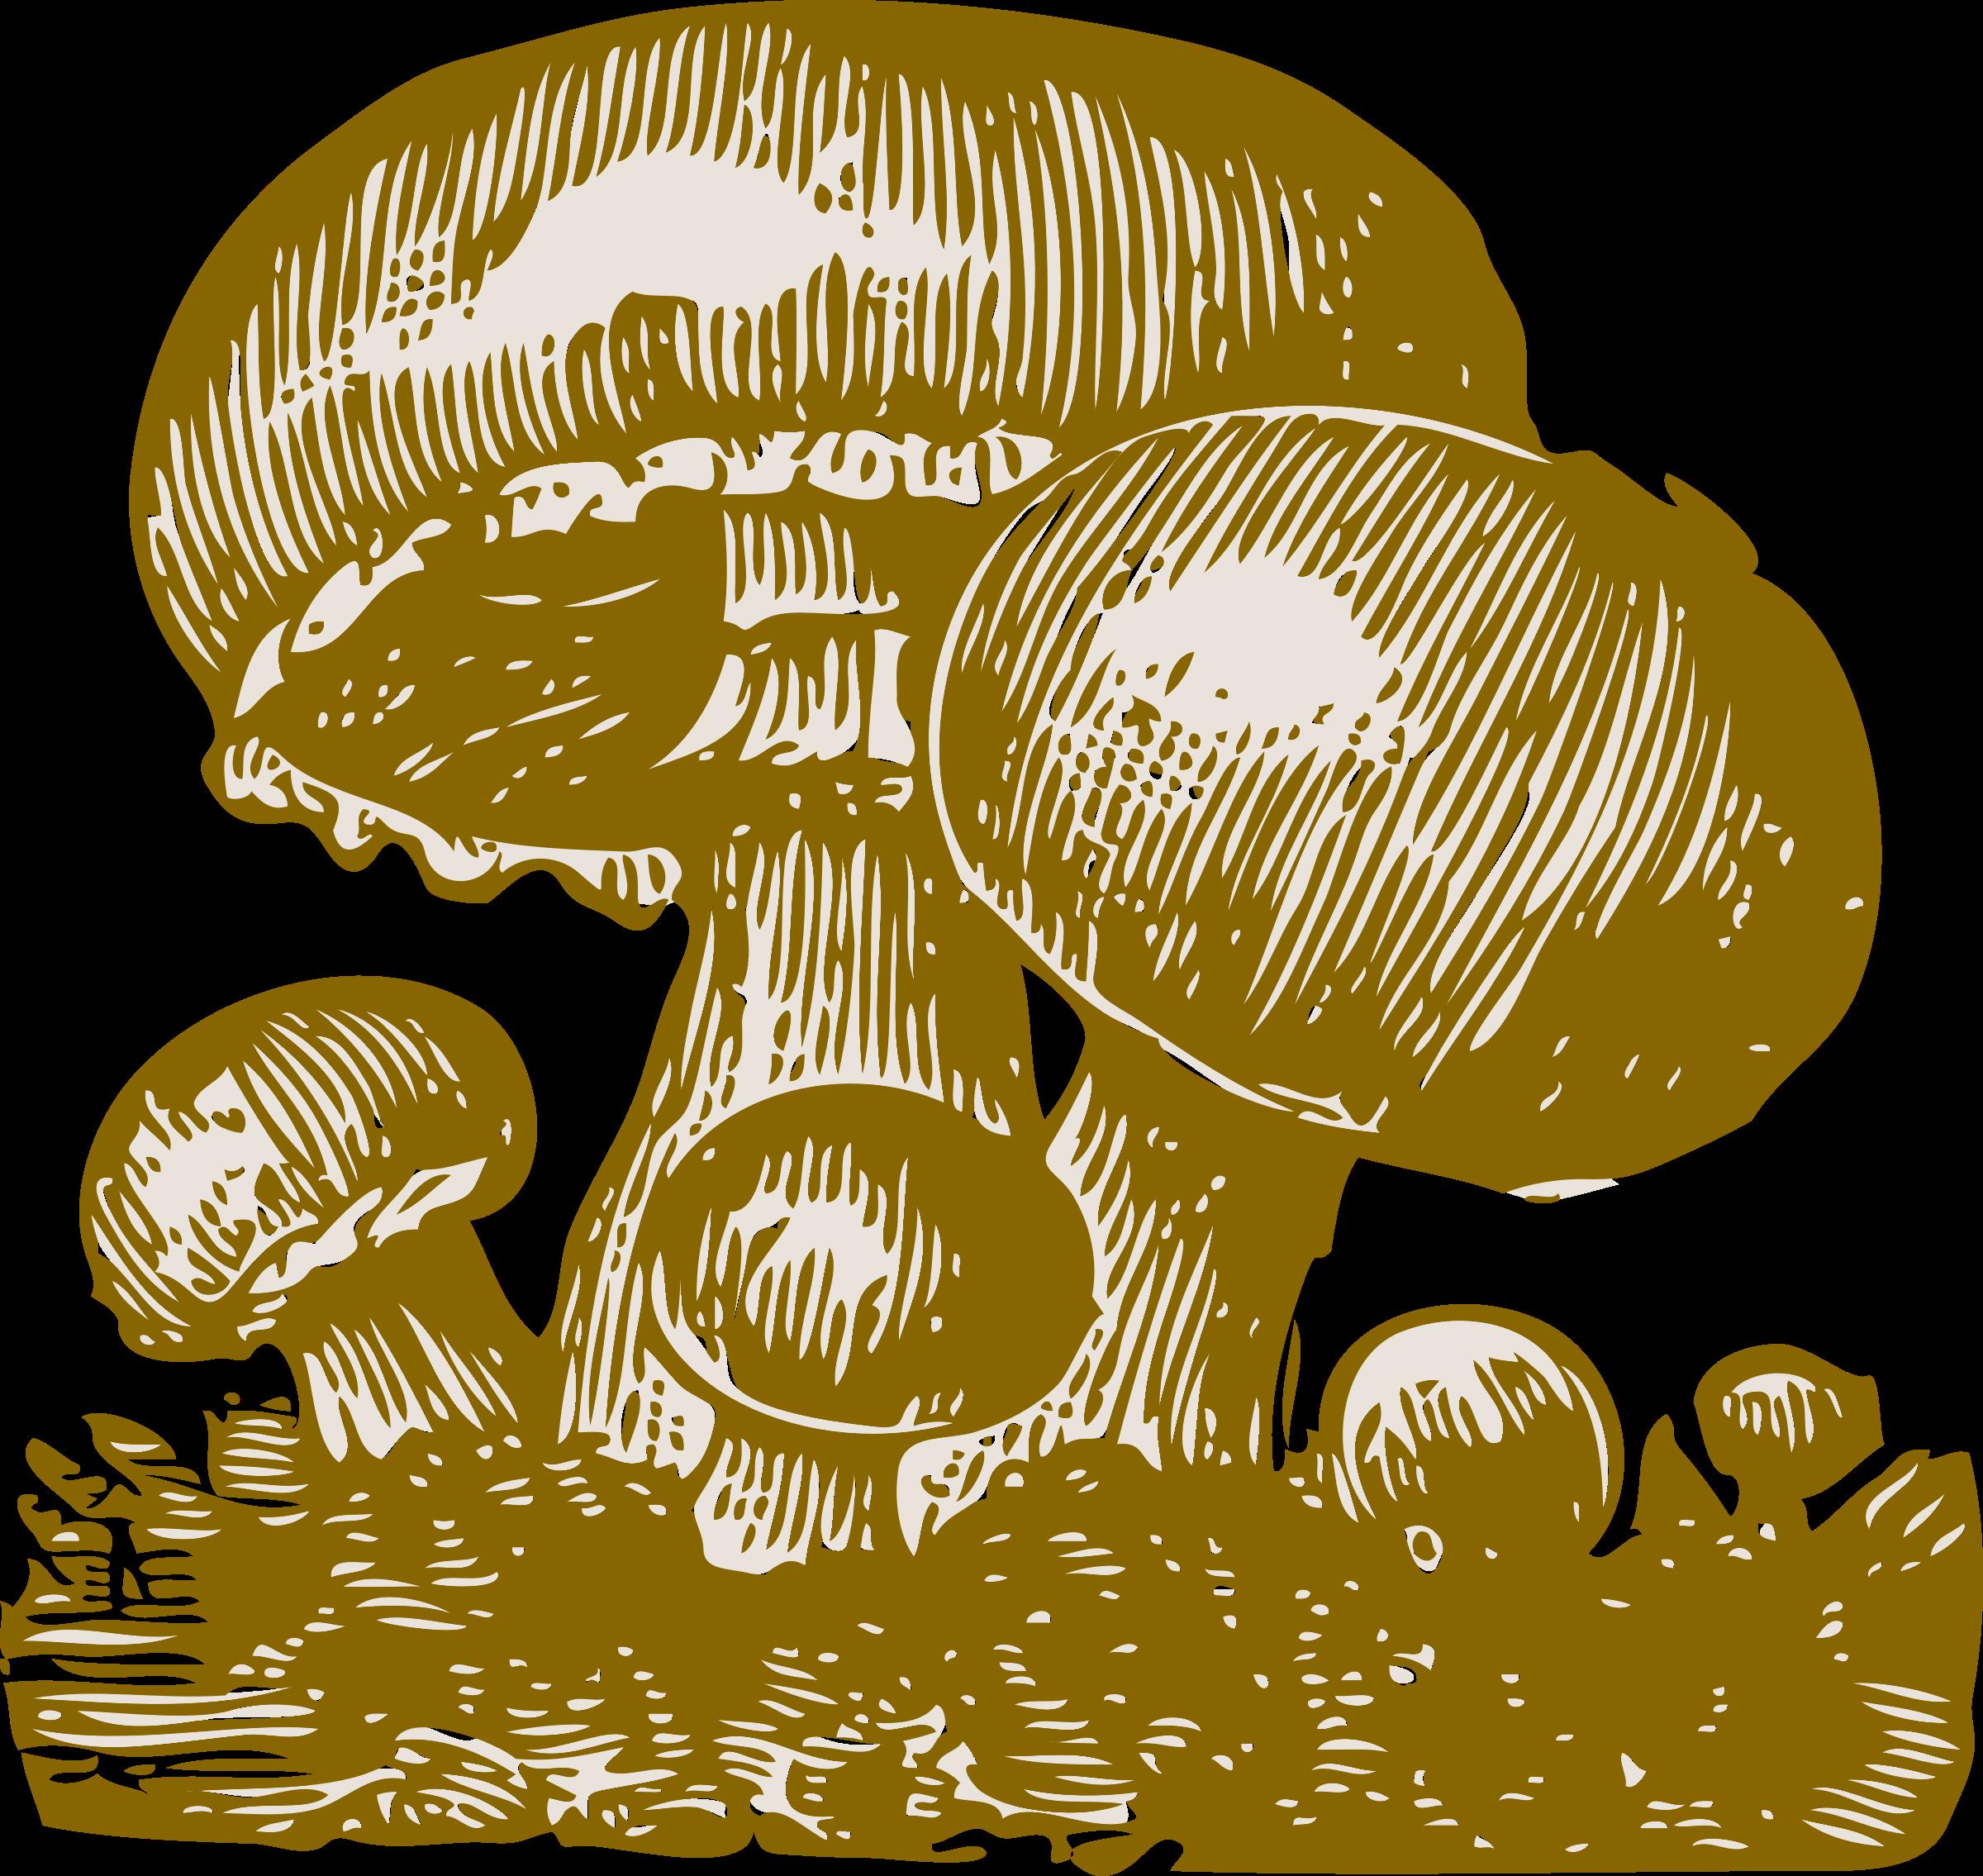 Big image png. Mushrooms clipart vintage